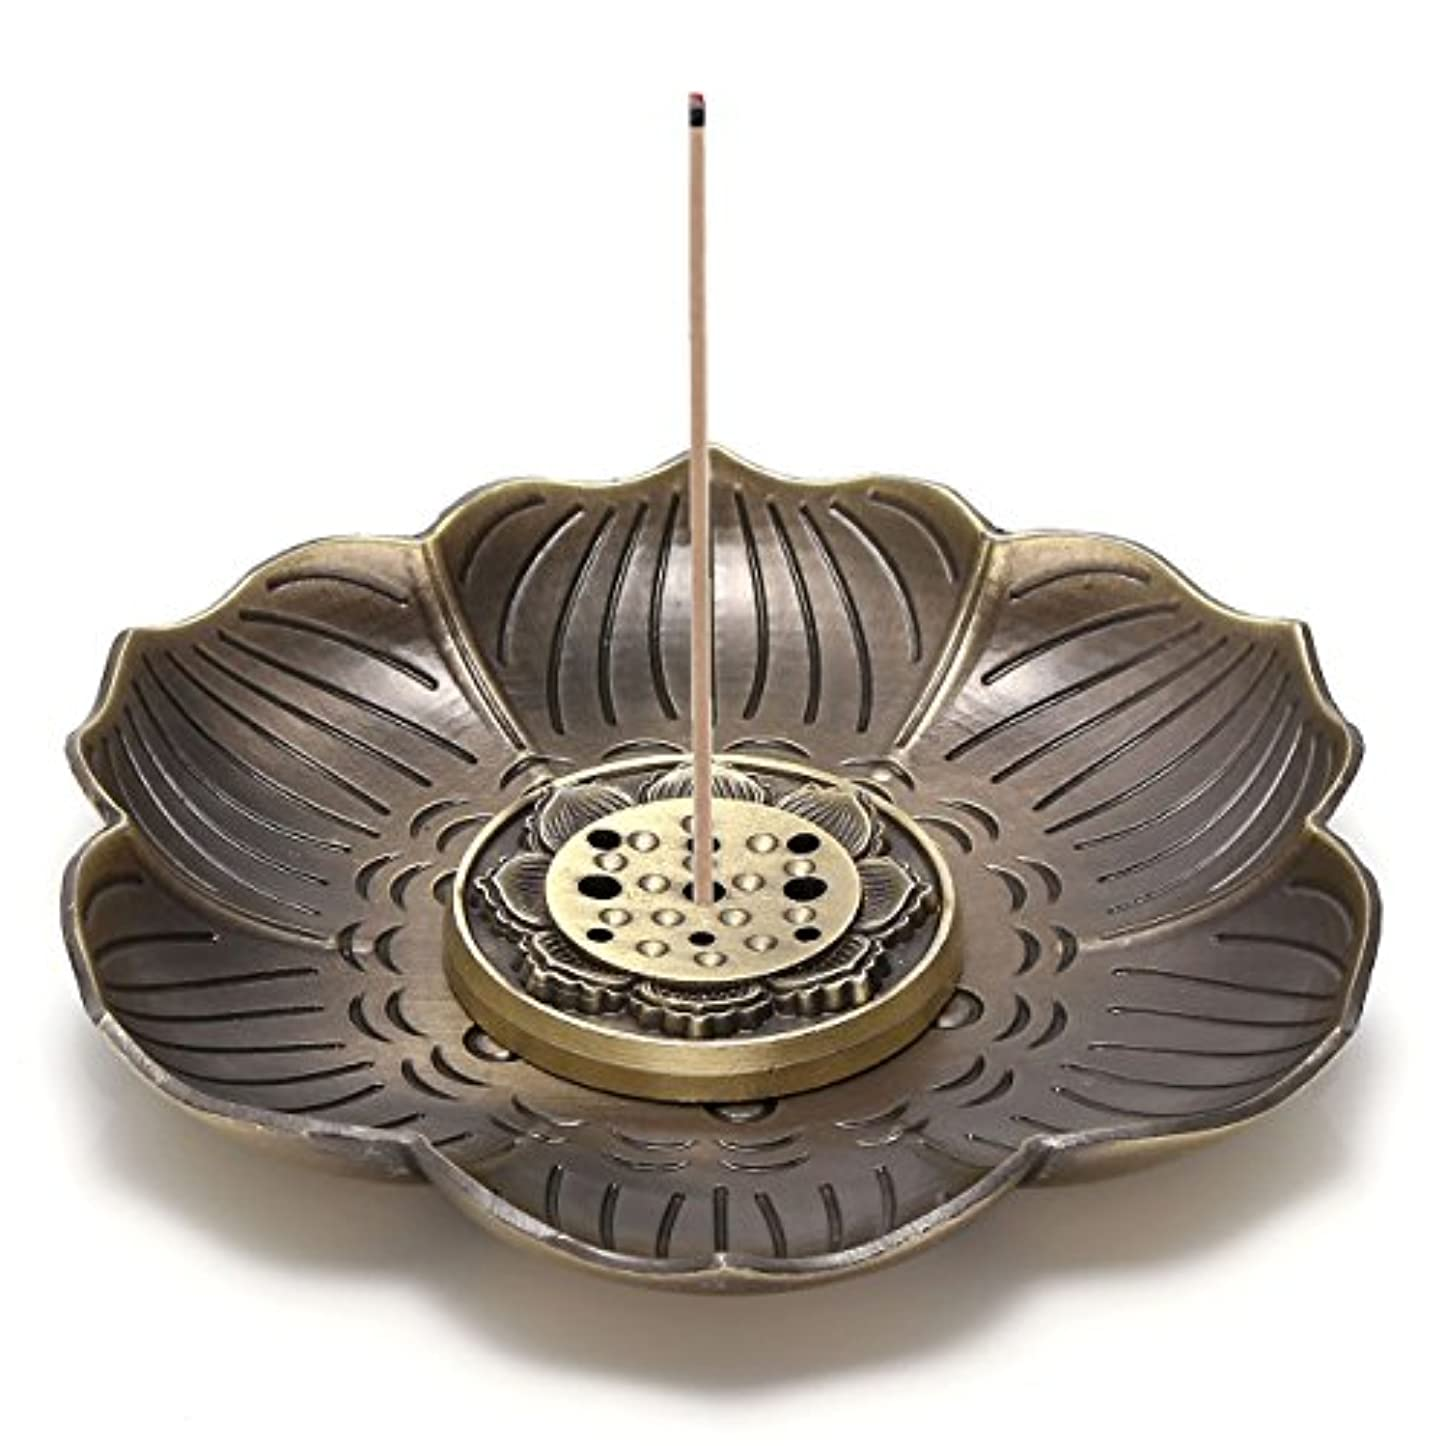 冷える民間表面的なJovivi真鍮Incense Holder – Lotus Stick Incense Burner and Cone Incense逆流ホルダーwith Ashキャッチャー AJ101010100651